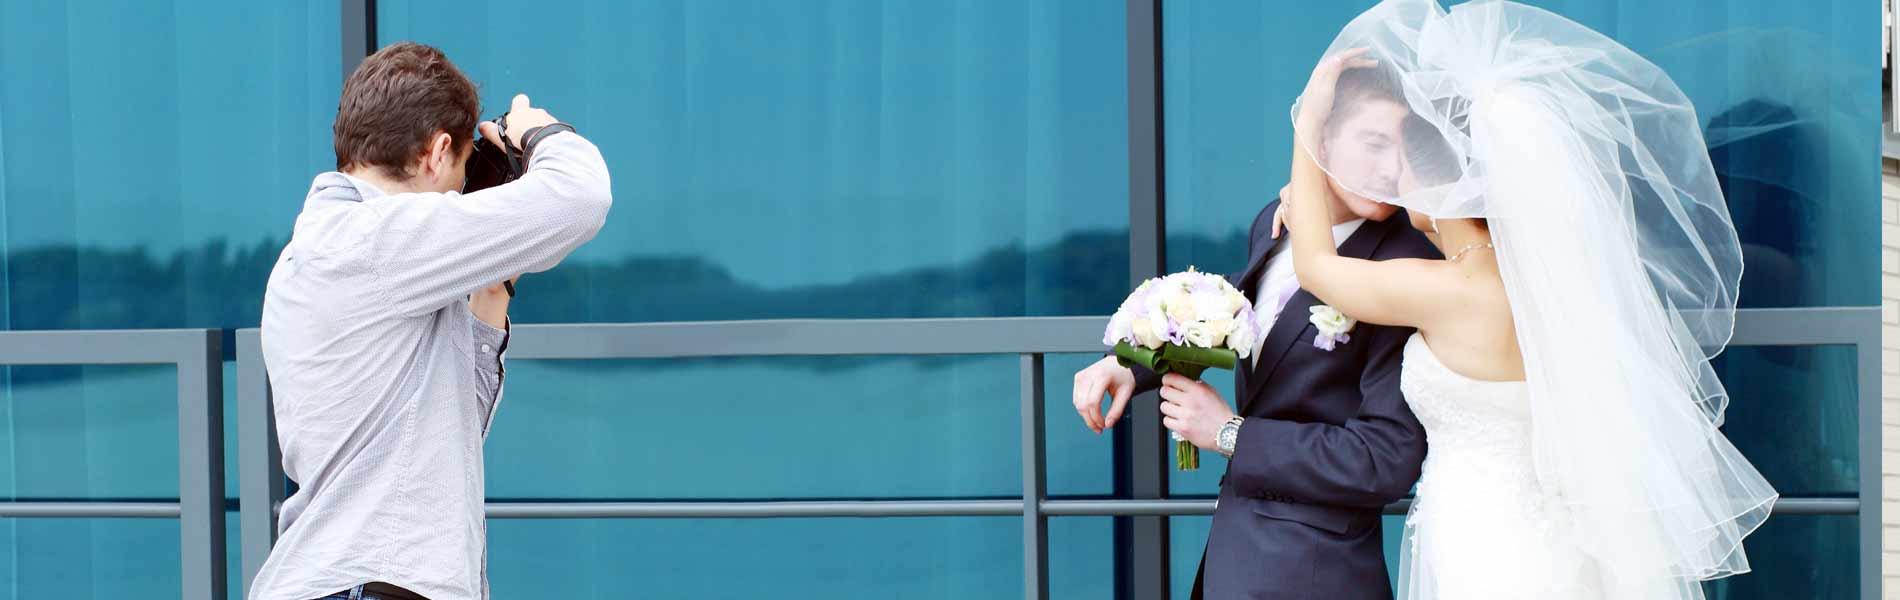 Partagez vos photos de mariage